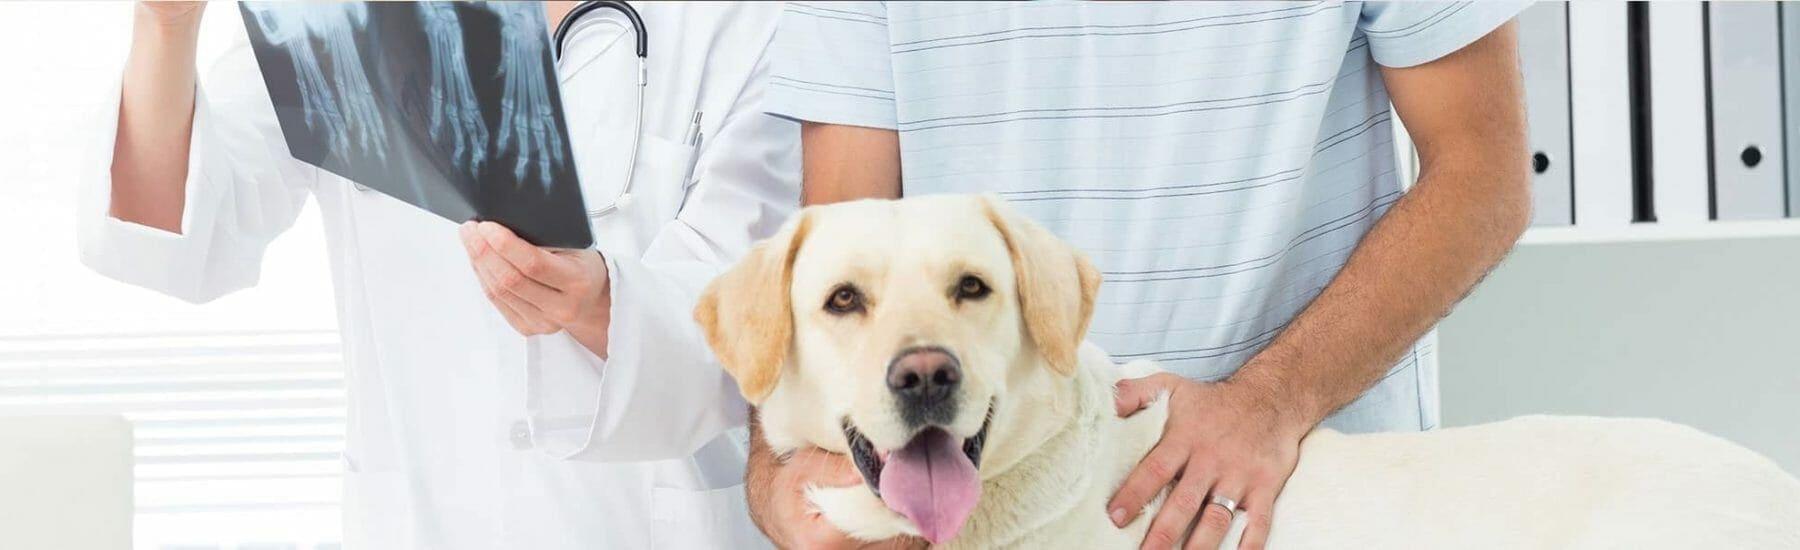 Рентген для животных в Киеве по доступной цене